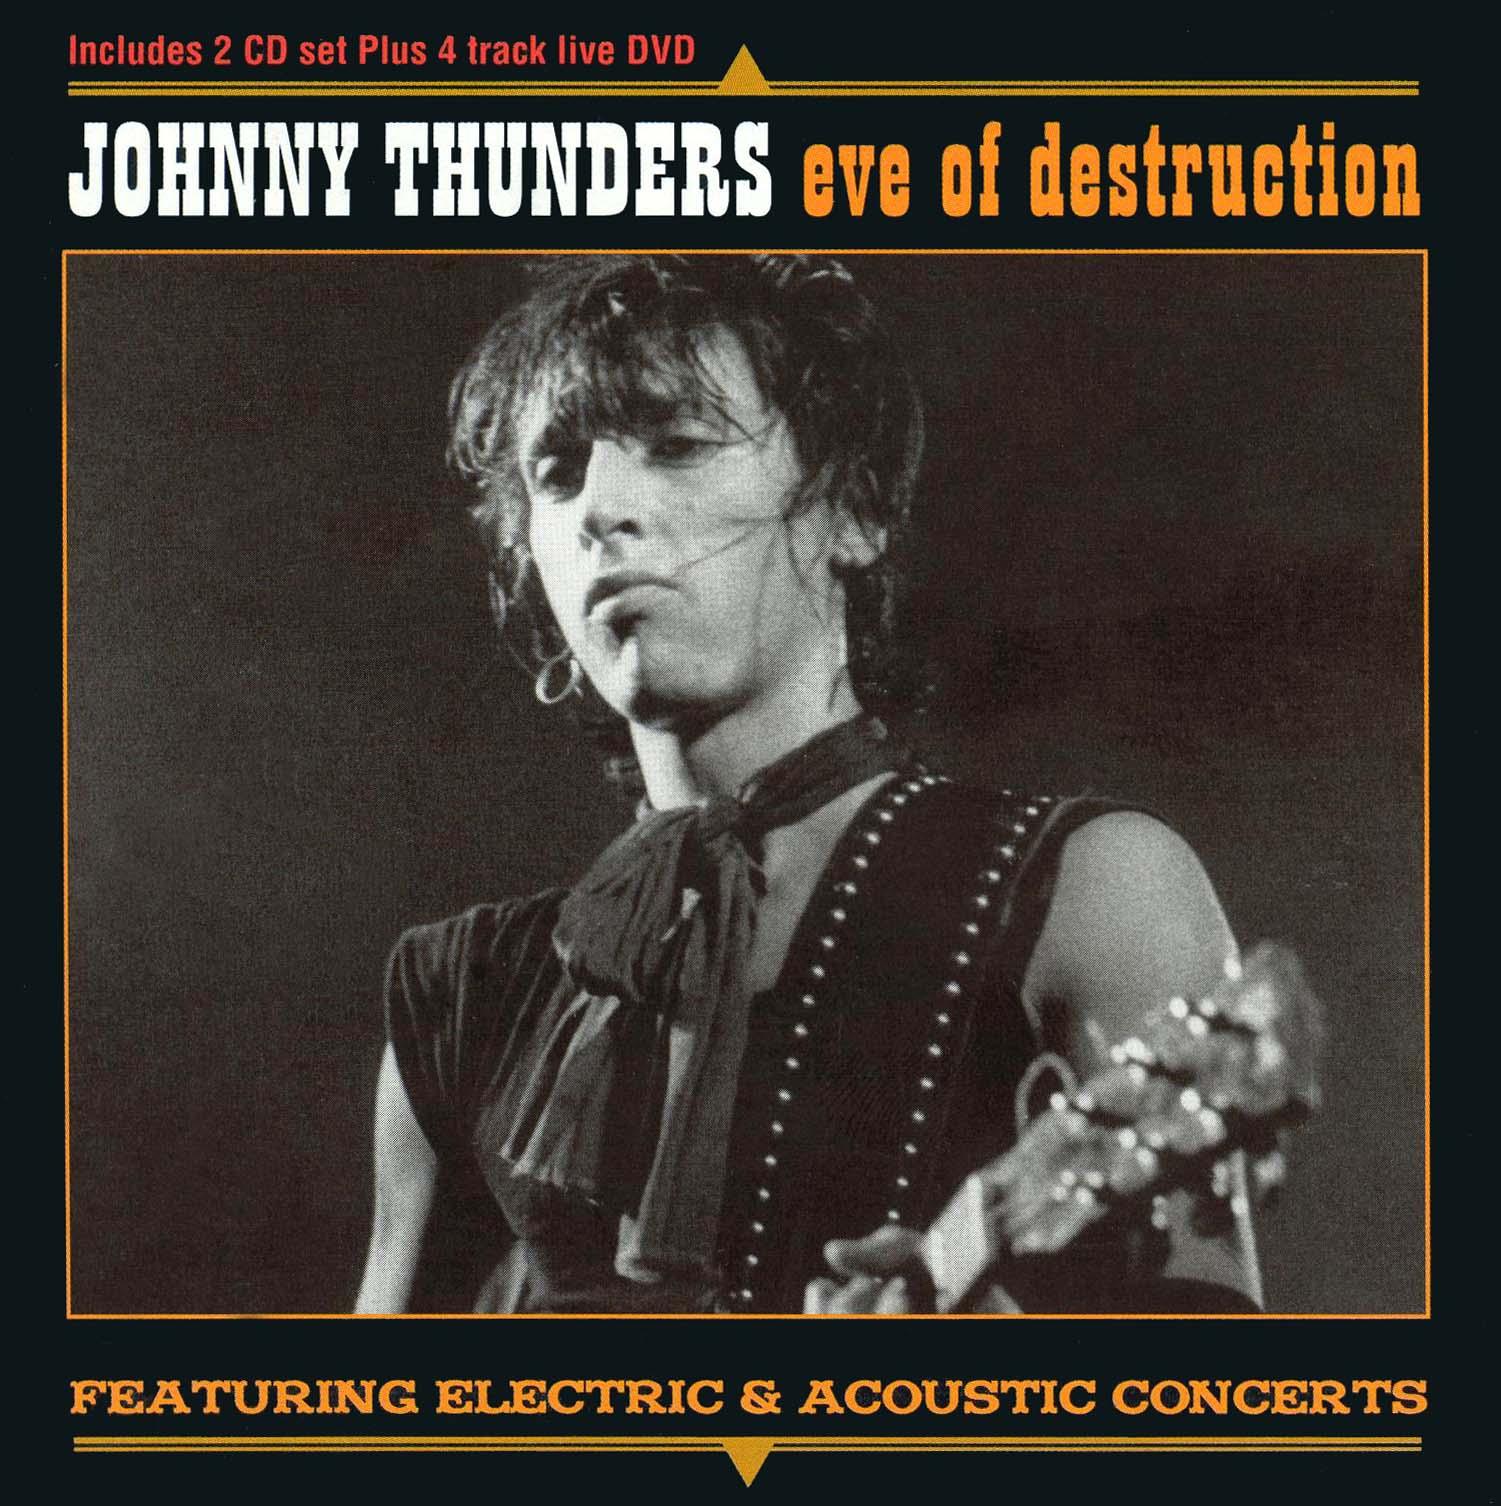 Johnny Thunders: Filmed in Osaka, Japan 1991